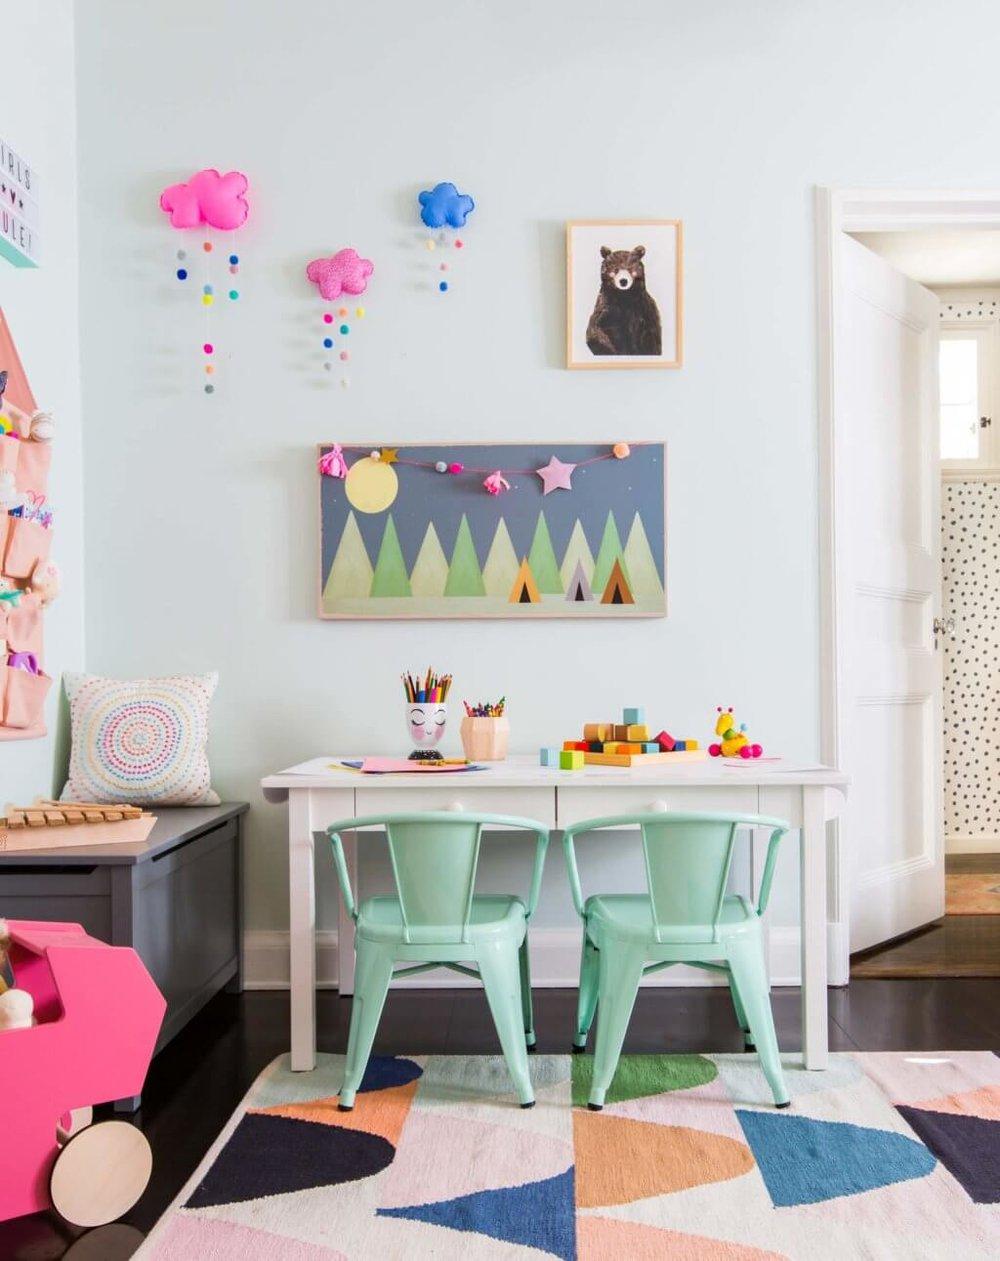 Emily-Henderson_Full-Design_Girls-Playroom_Whimsical_Pink_Playful_5-1024x1291.jpg